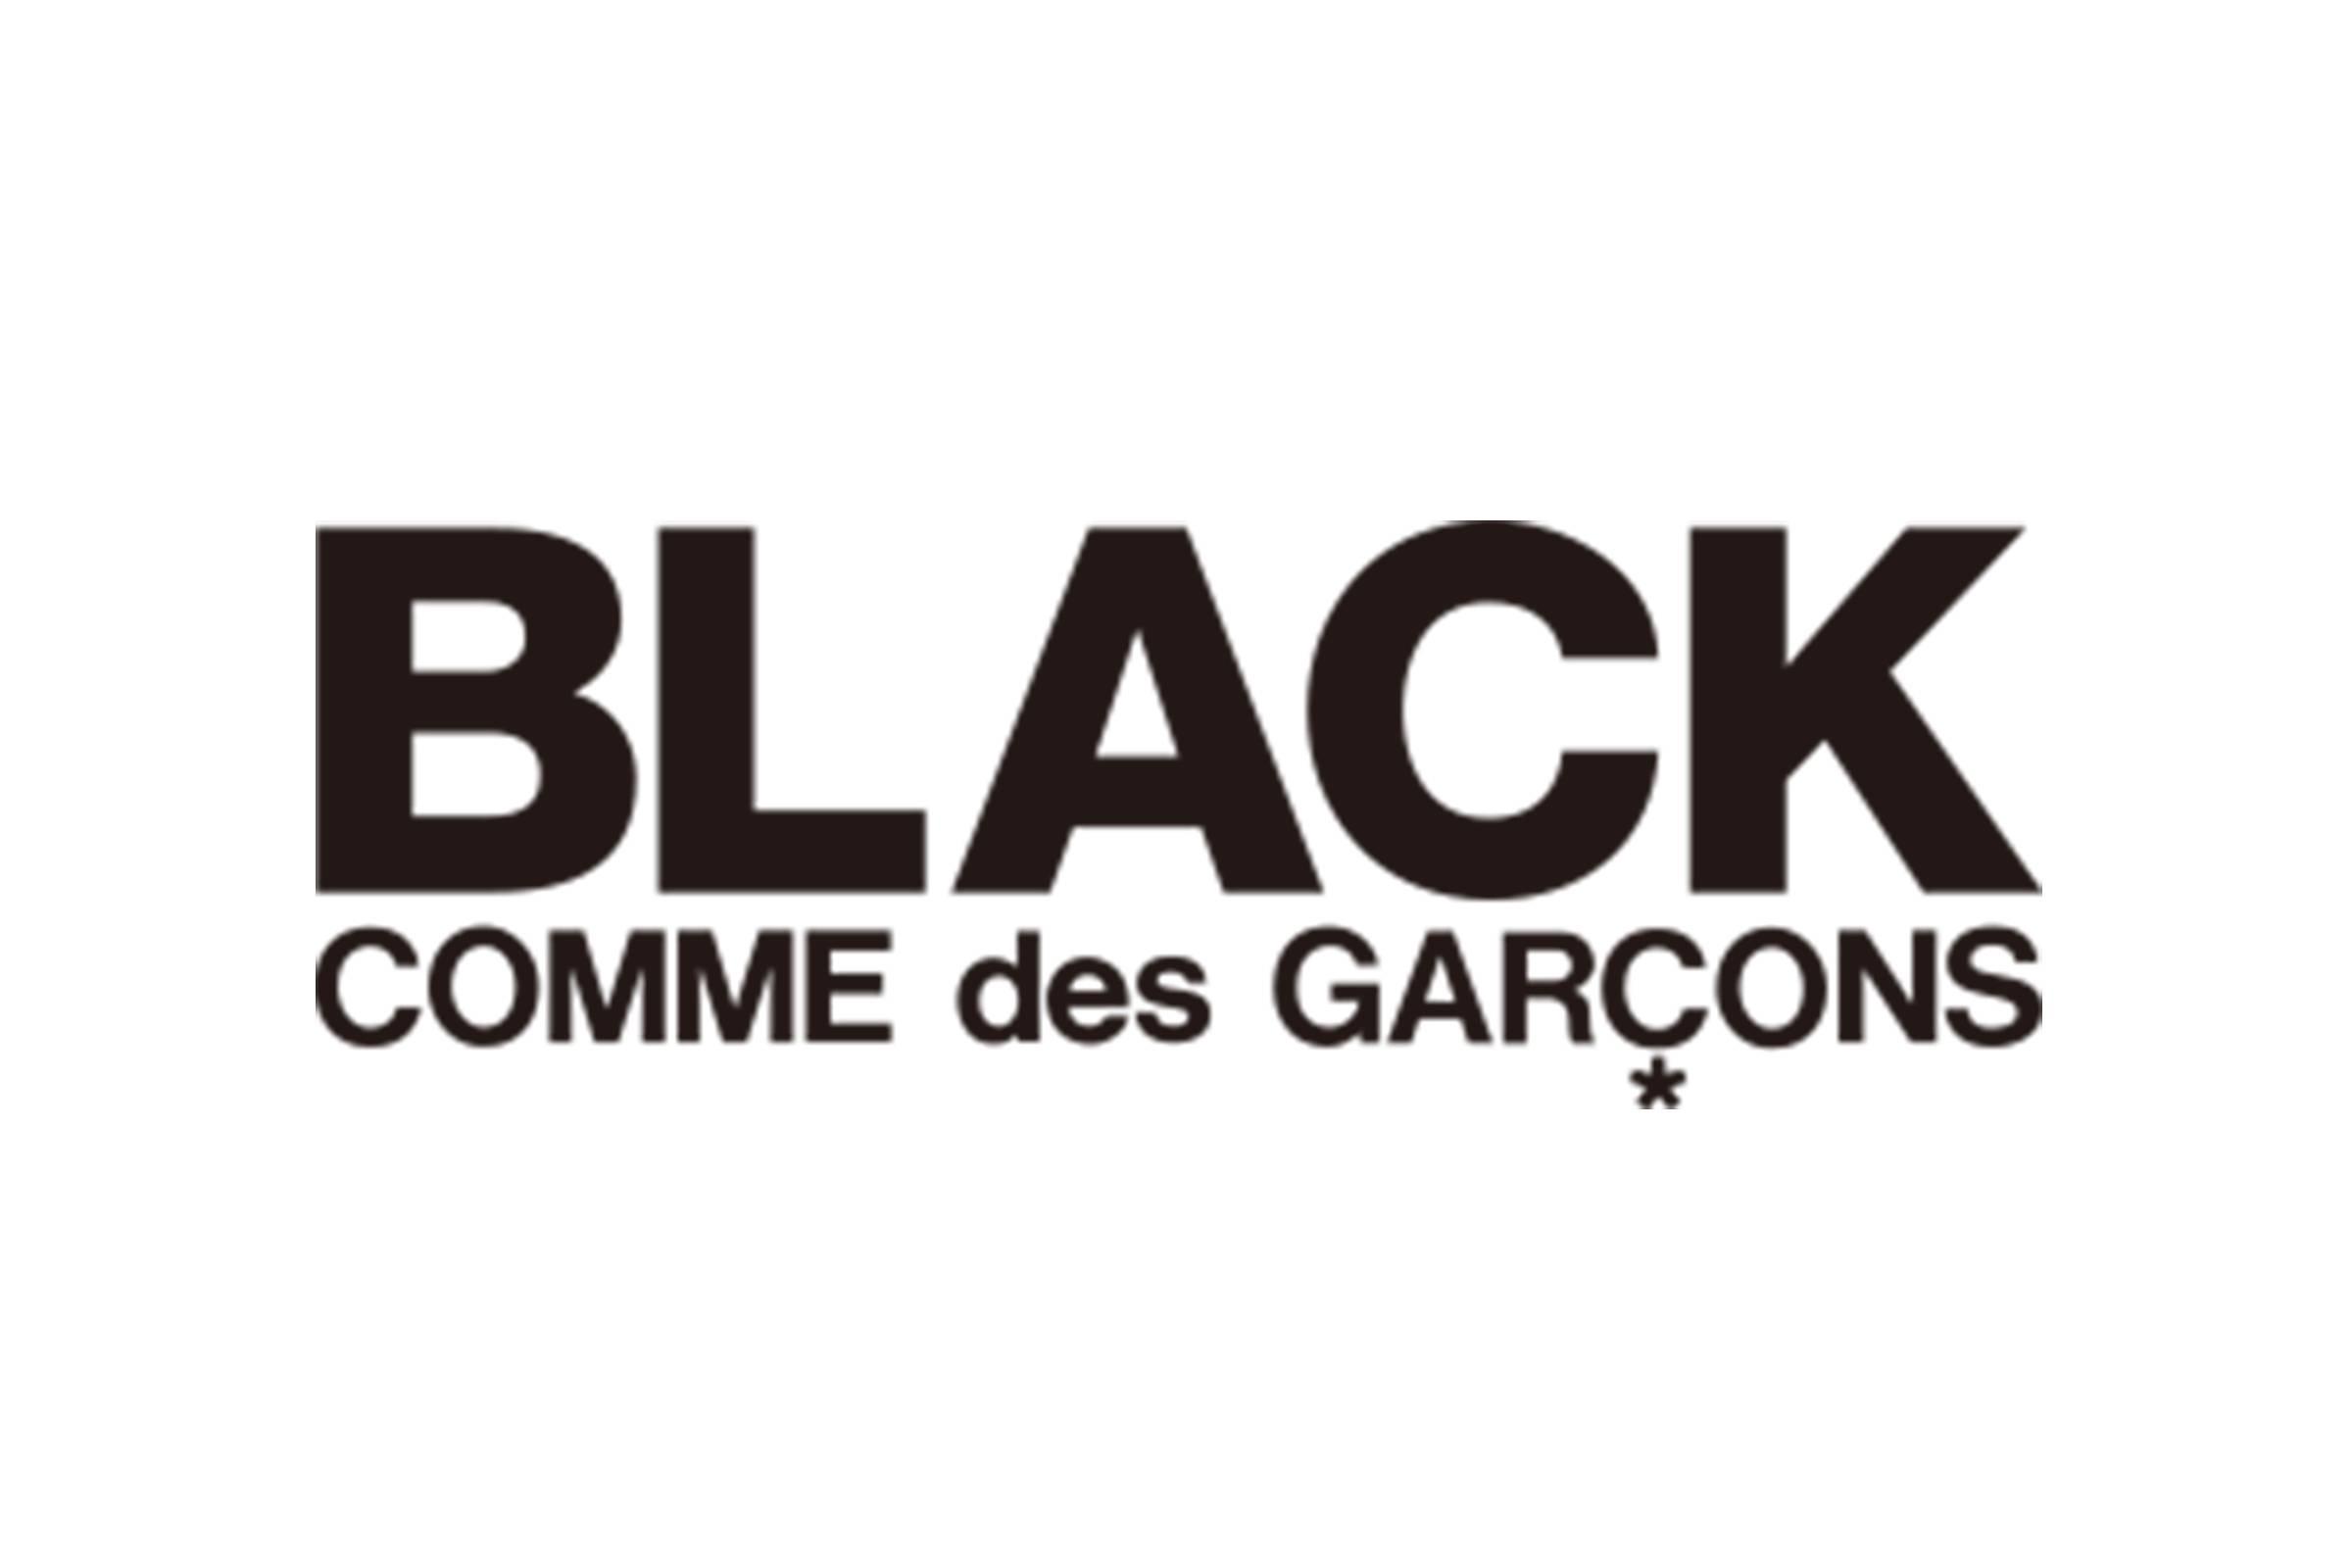 BLACK Comme des Garçons